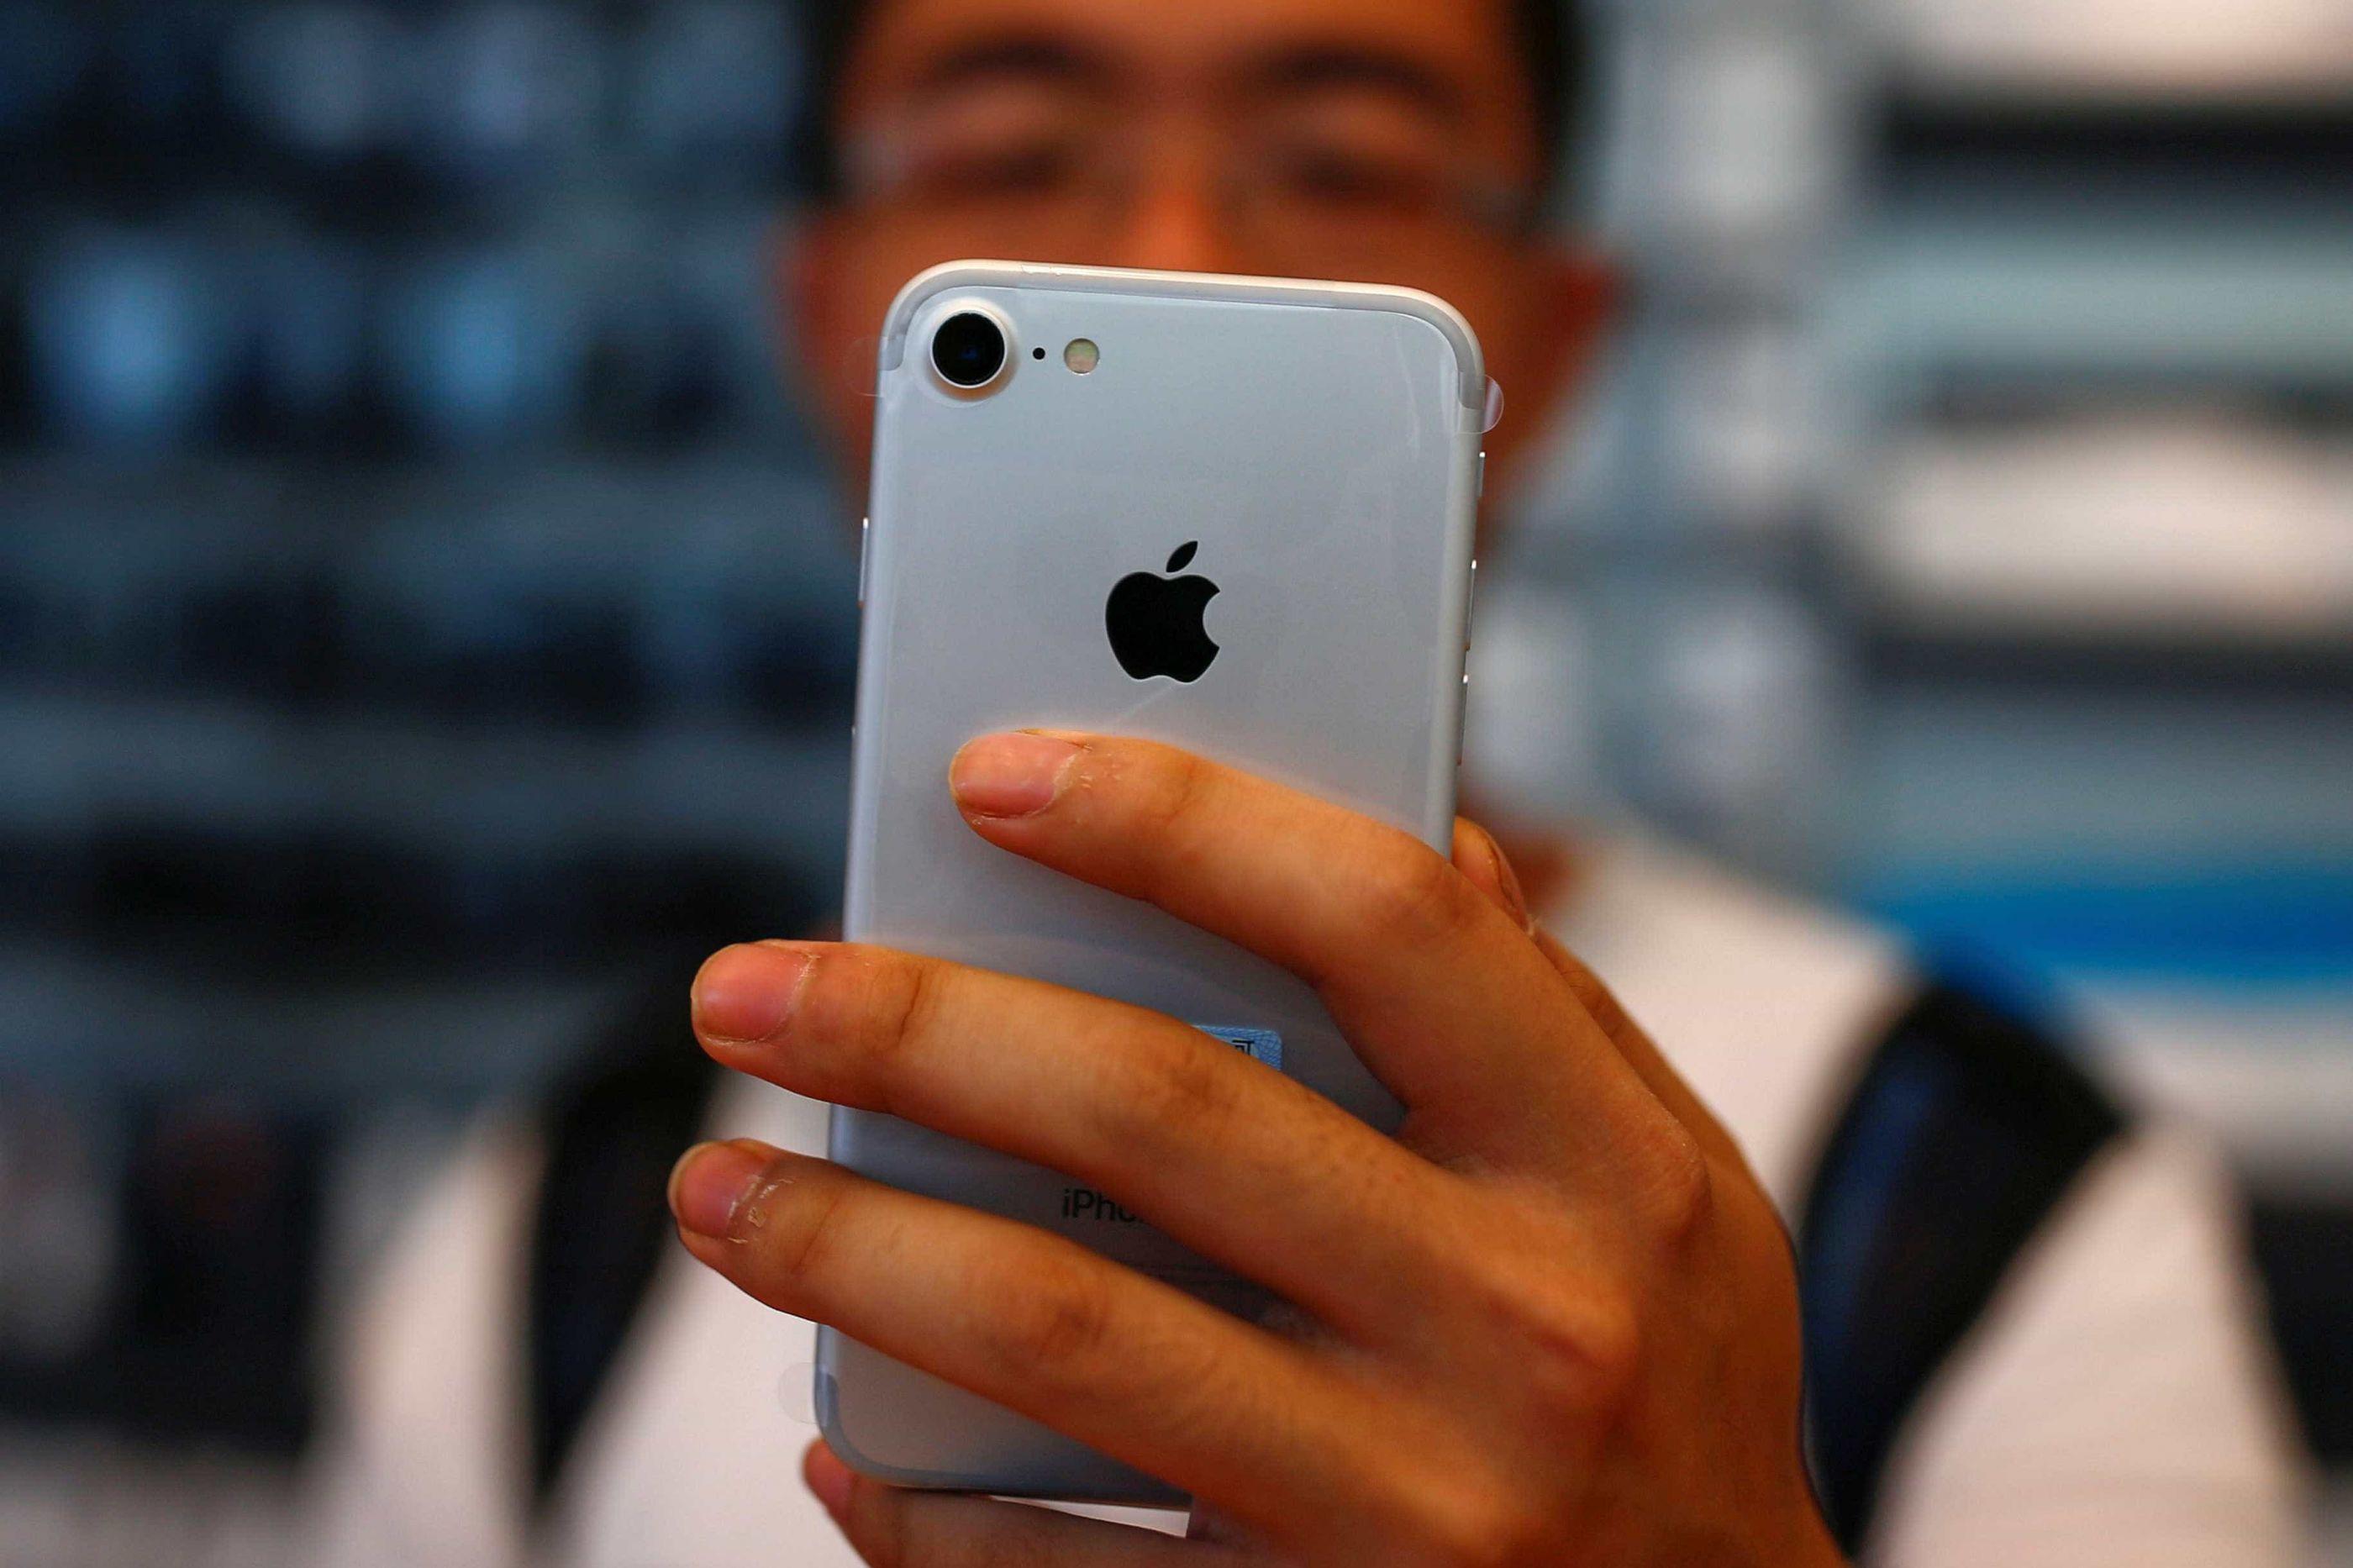 Atualização estaria prejudicando autonomia da bateria do iPhone